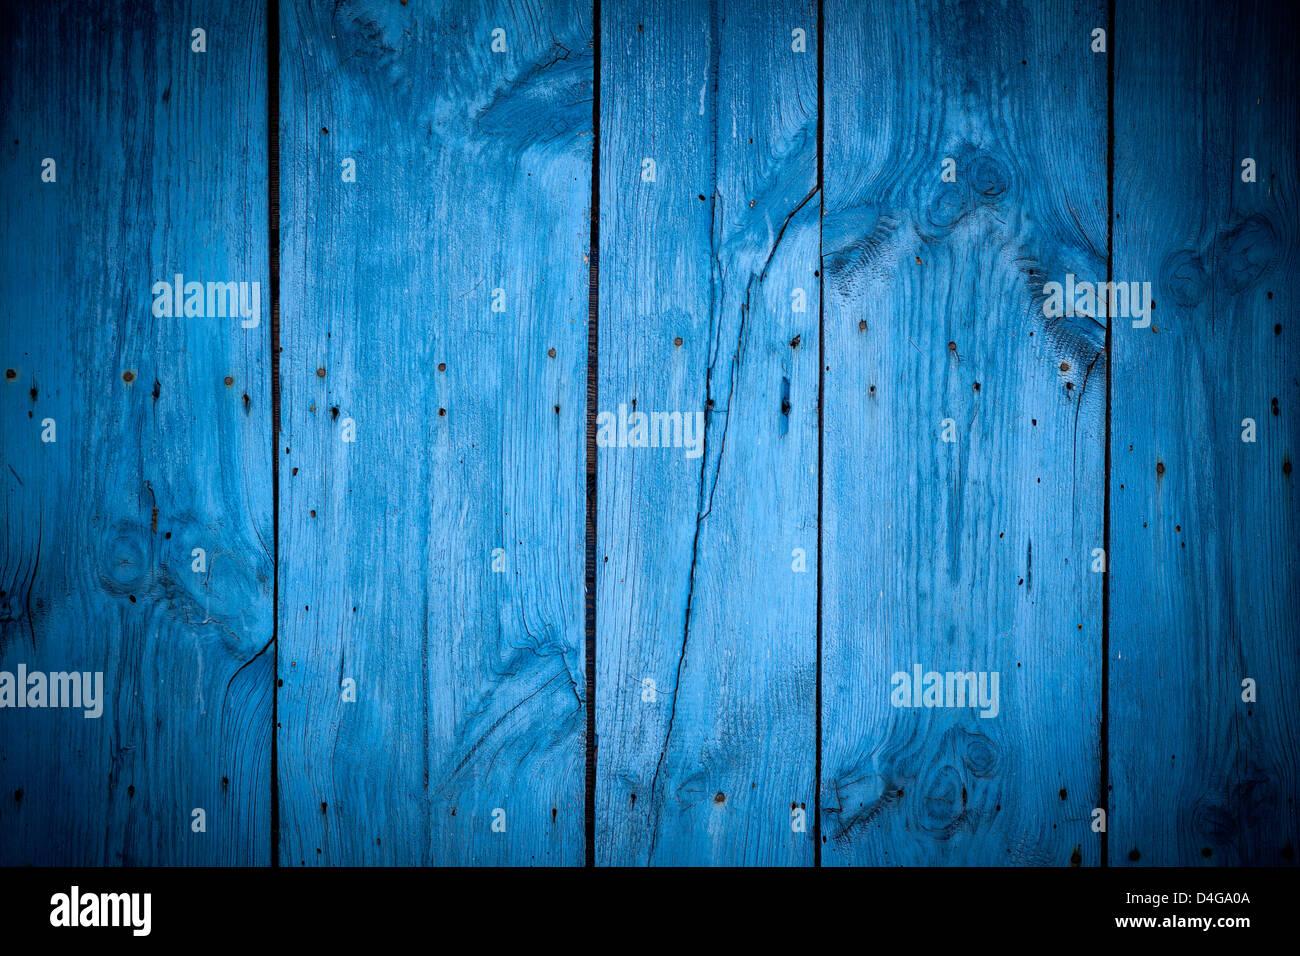 Texture de Bois panneau bleue verticale d'arrière-plan Photo Stock